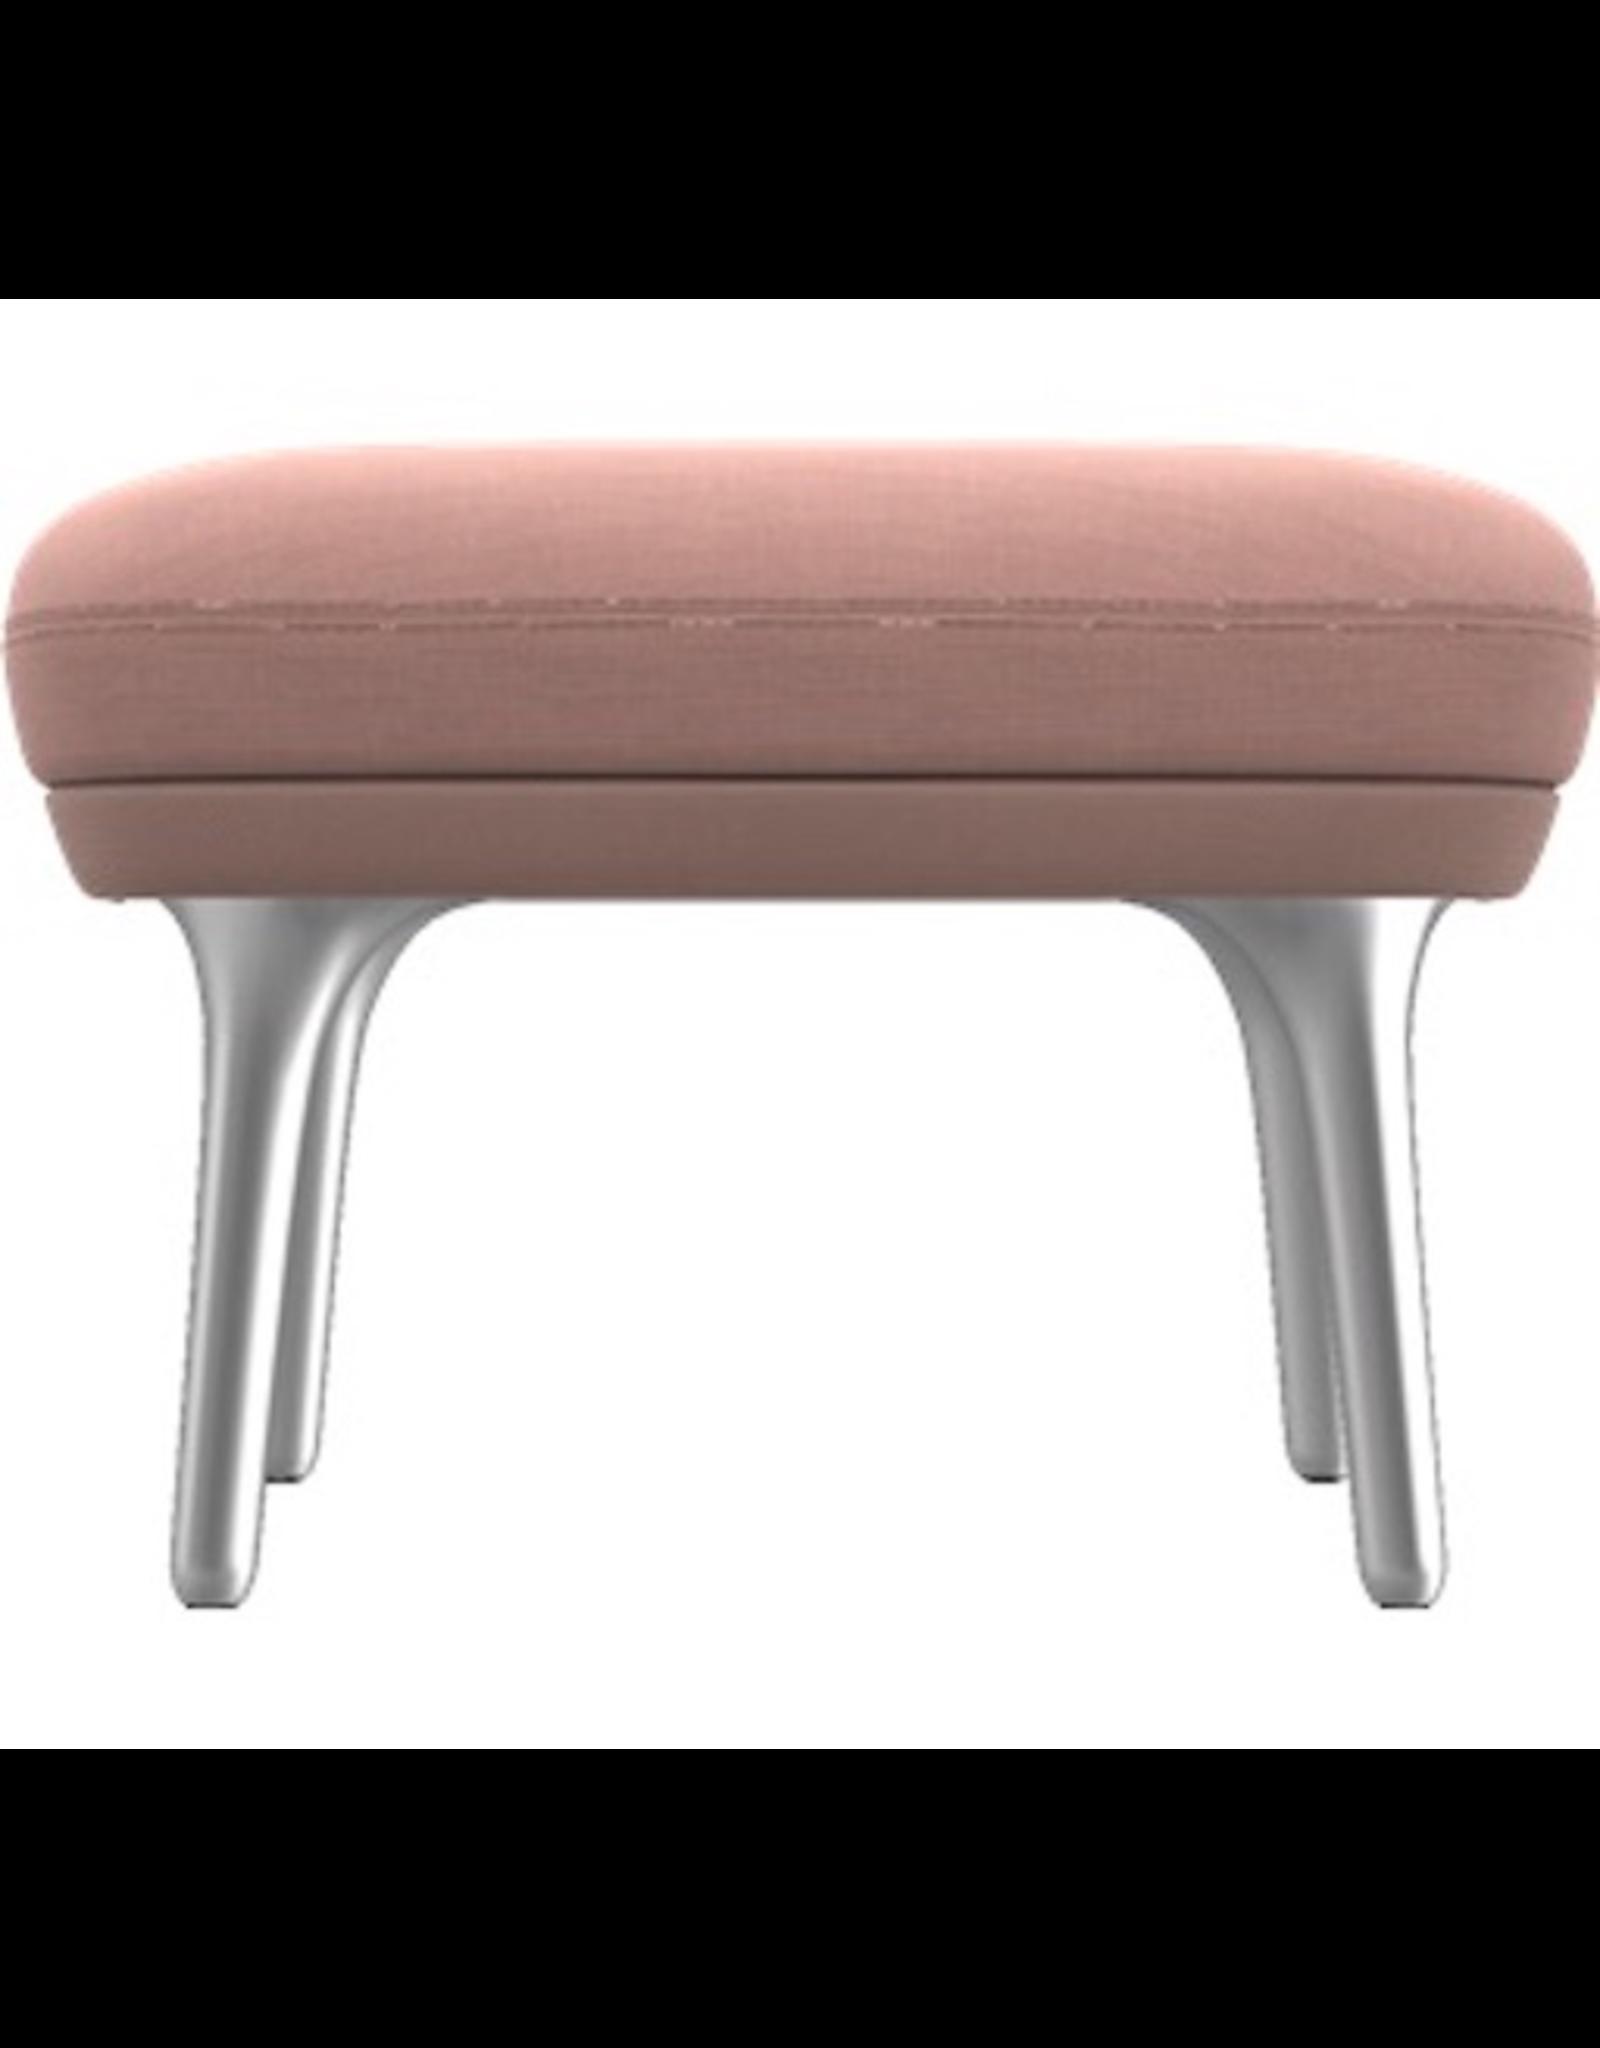 JH11 RO 淺粉色腳凳